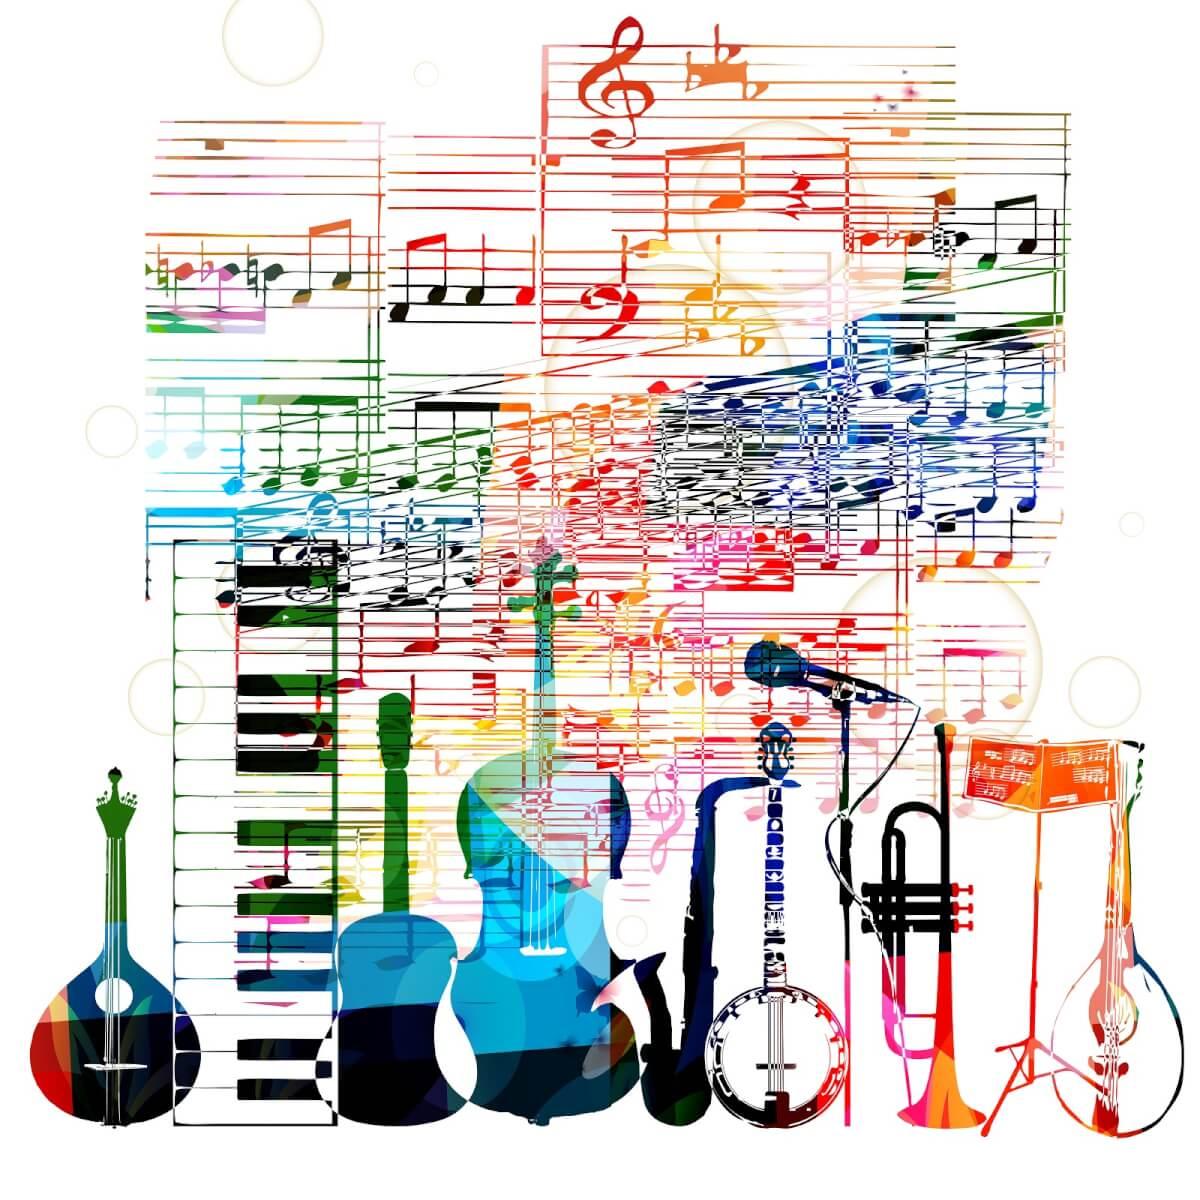 一番簡単な作曲のやり方!【初音ミクの仮歌あり】ギターでダイアトニックコードを弾く